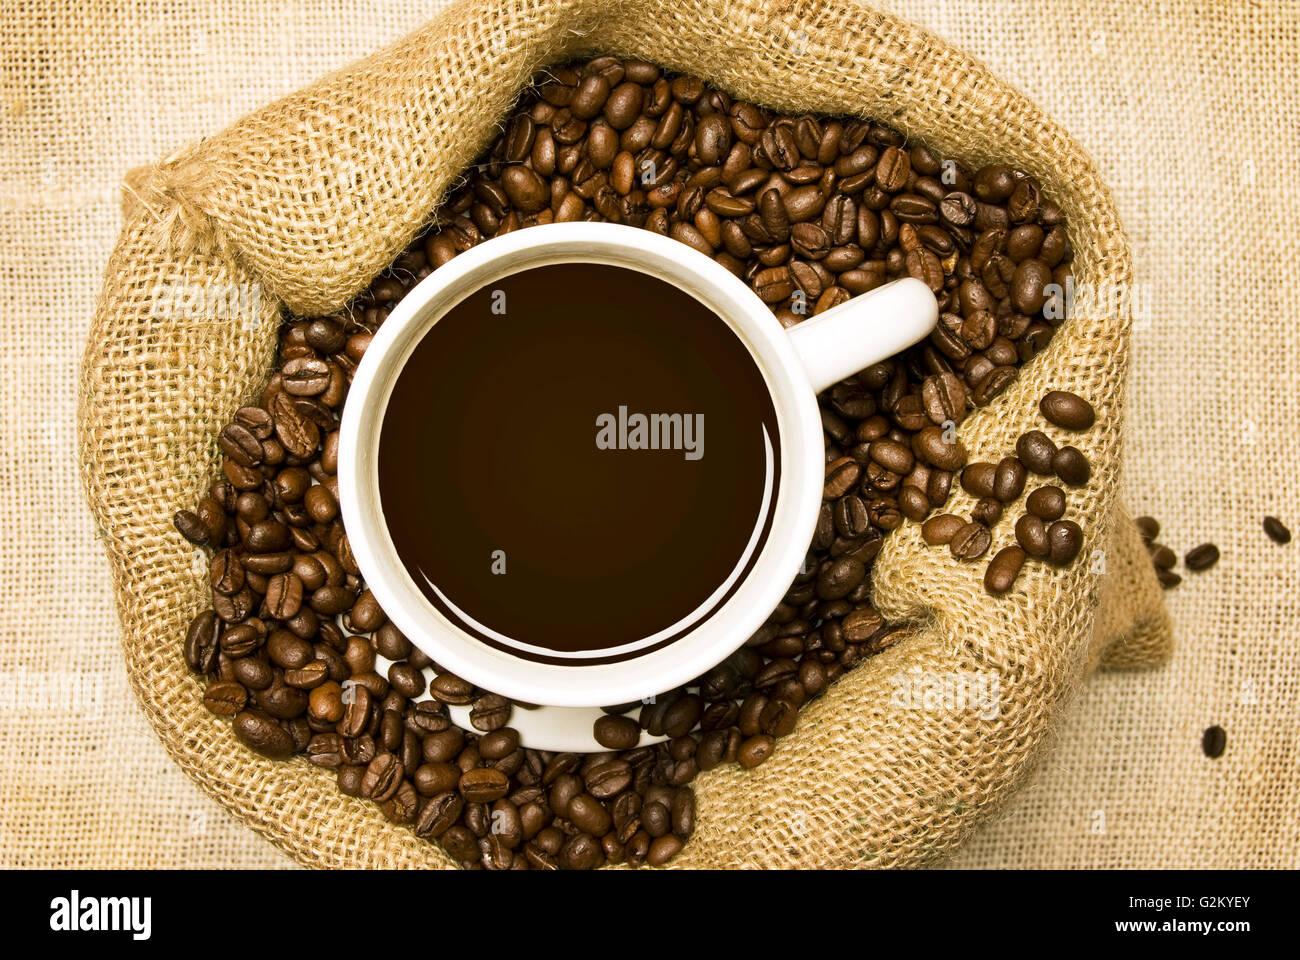 Les grains de café torréfié en sac de toile avec café frais sur le dessus Banque D'Images